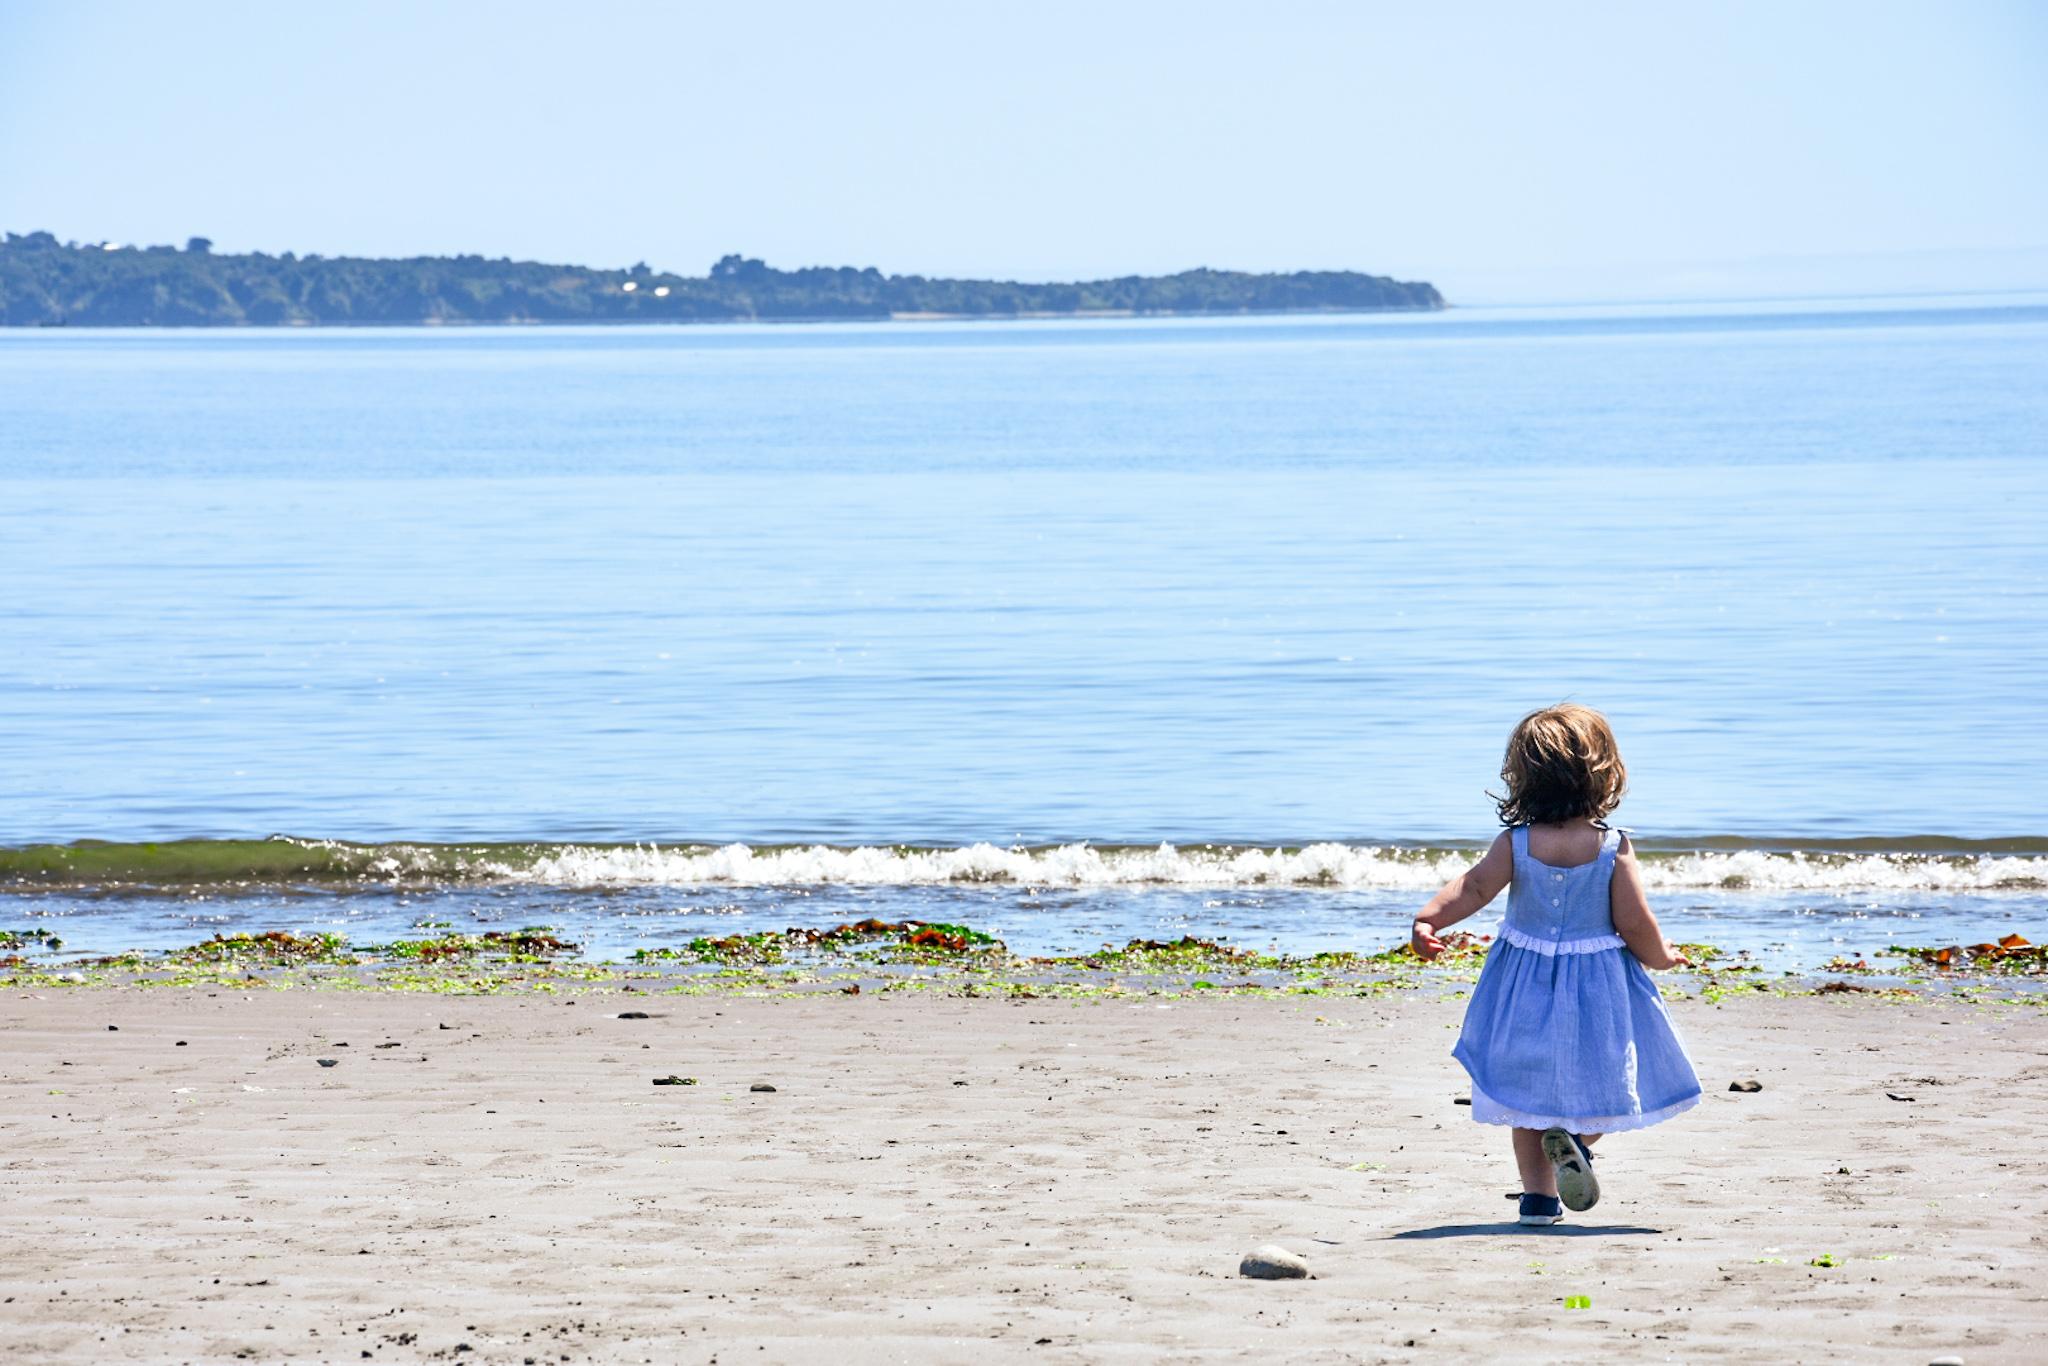 chiloe beach with children